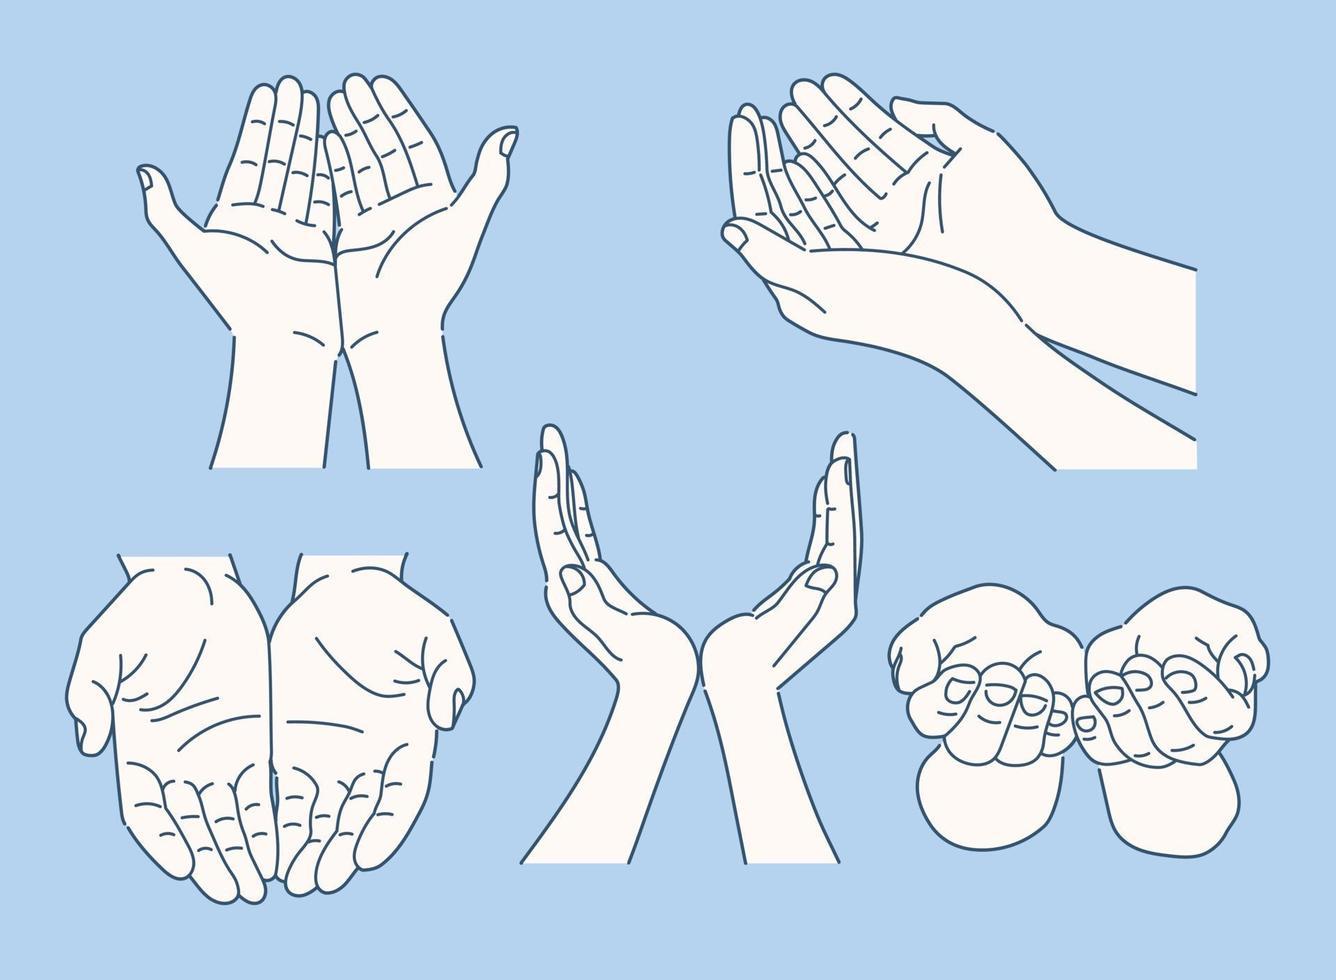 samling av olika handgester. handritade stilvektordesignillustrationer. vektor